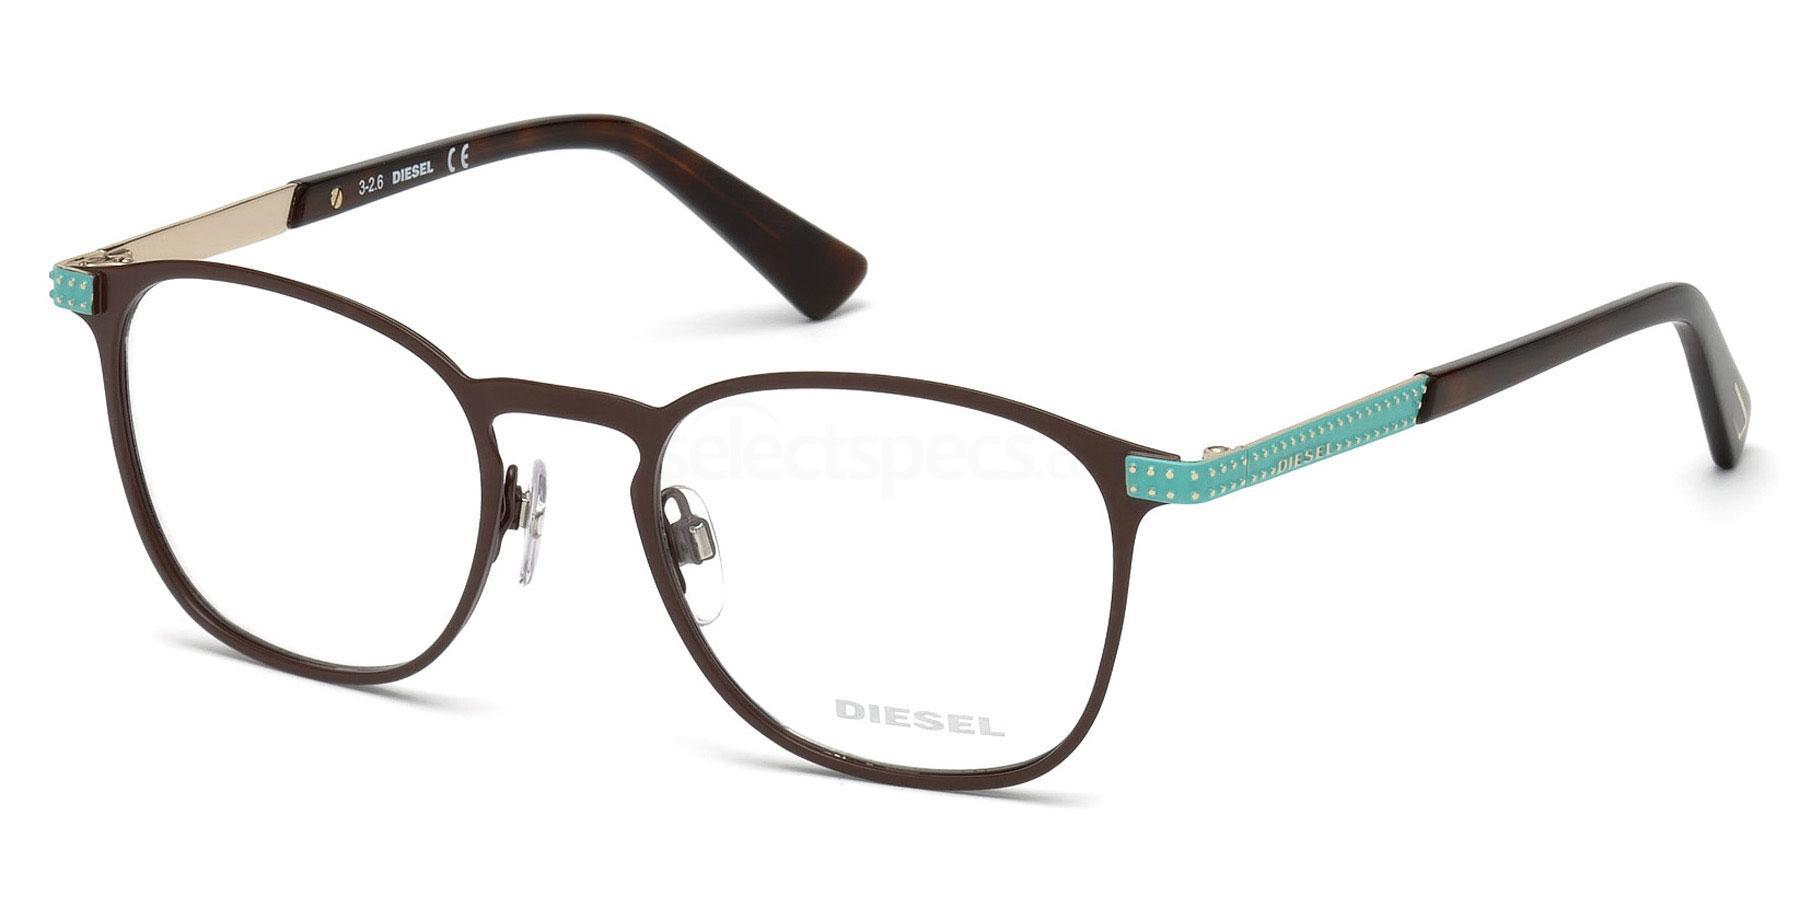 049 DL5248 Glasses, Diesel